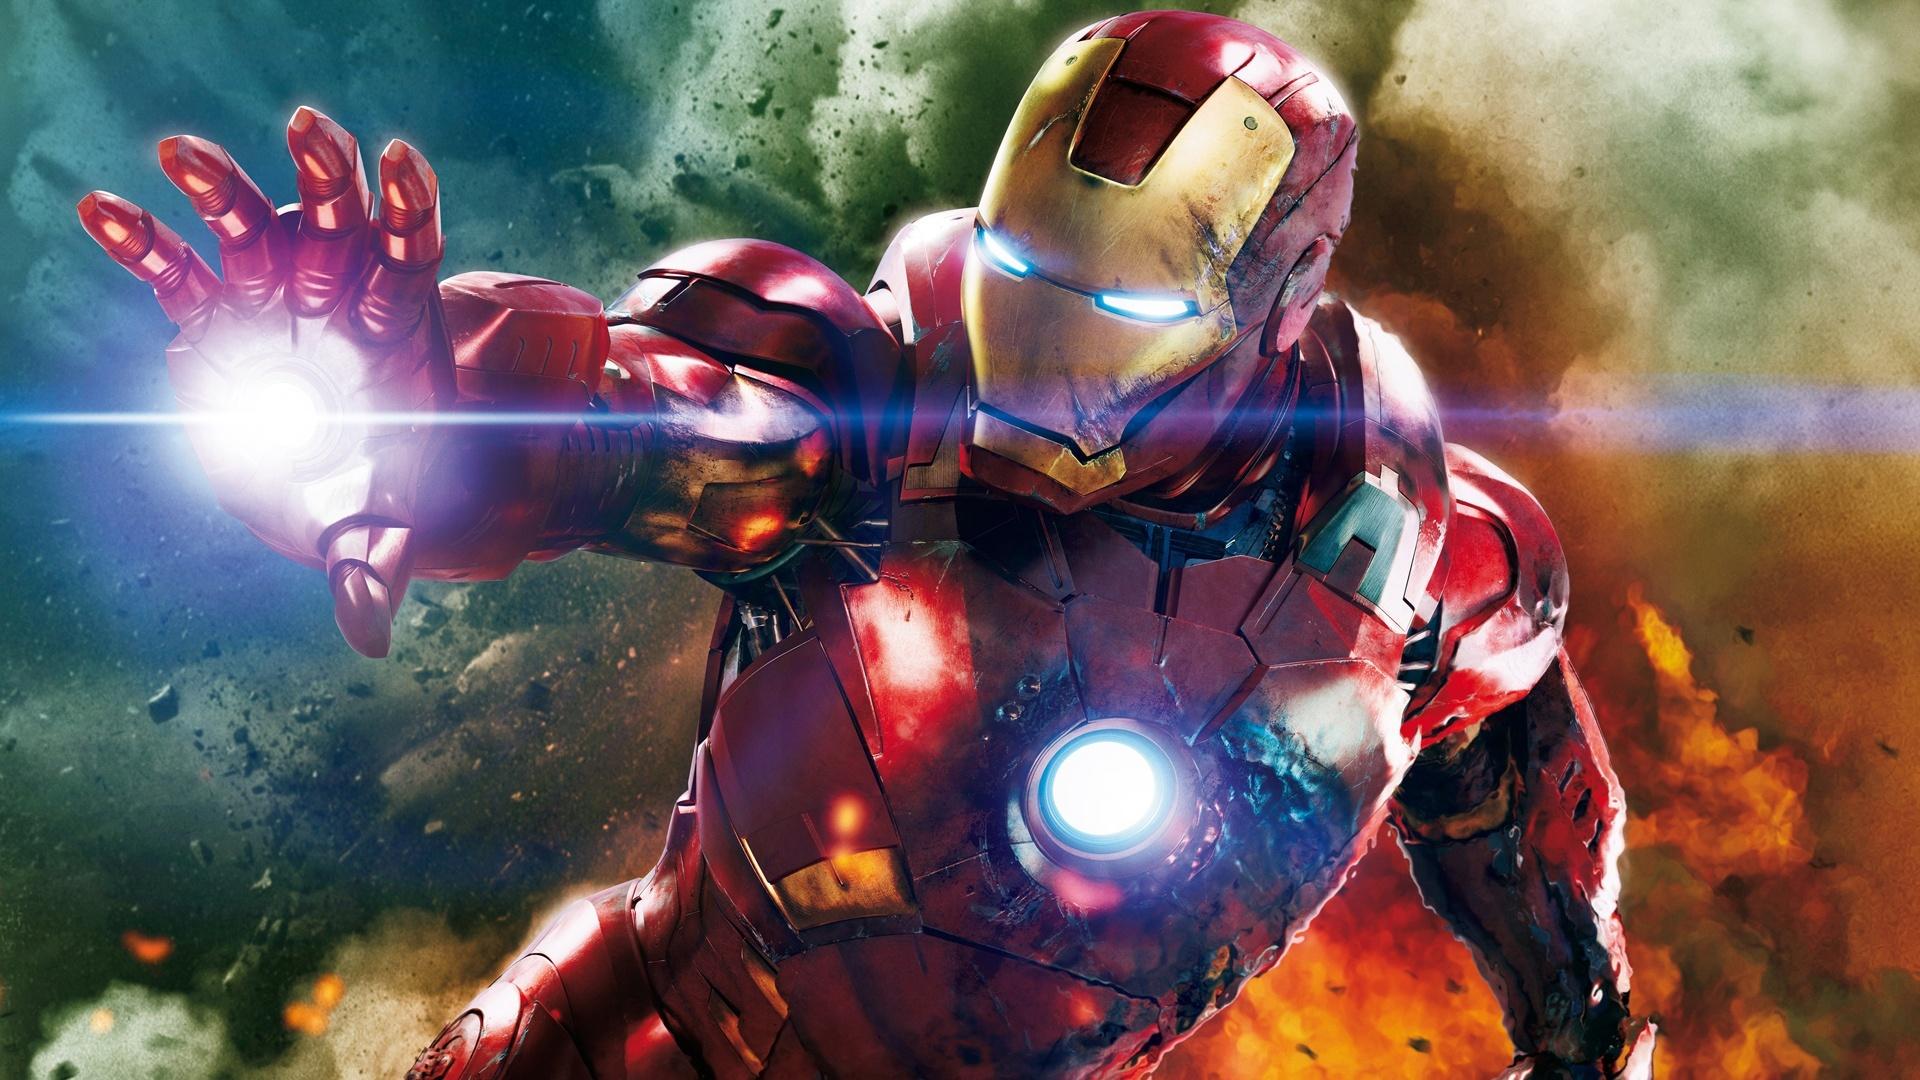 【钢铁侠3】; wallpaper hd 1080p iron man; 外加钢铁侠壁纸以及win7图片